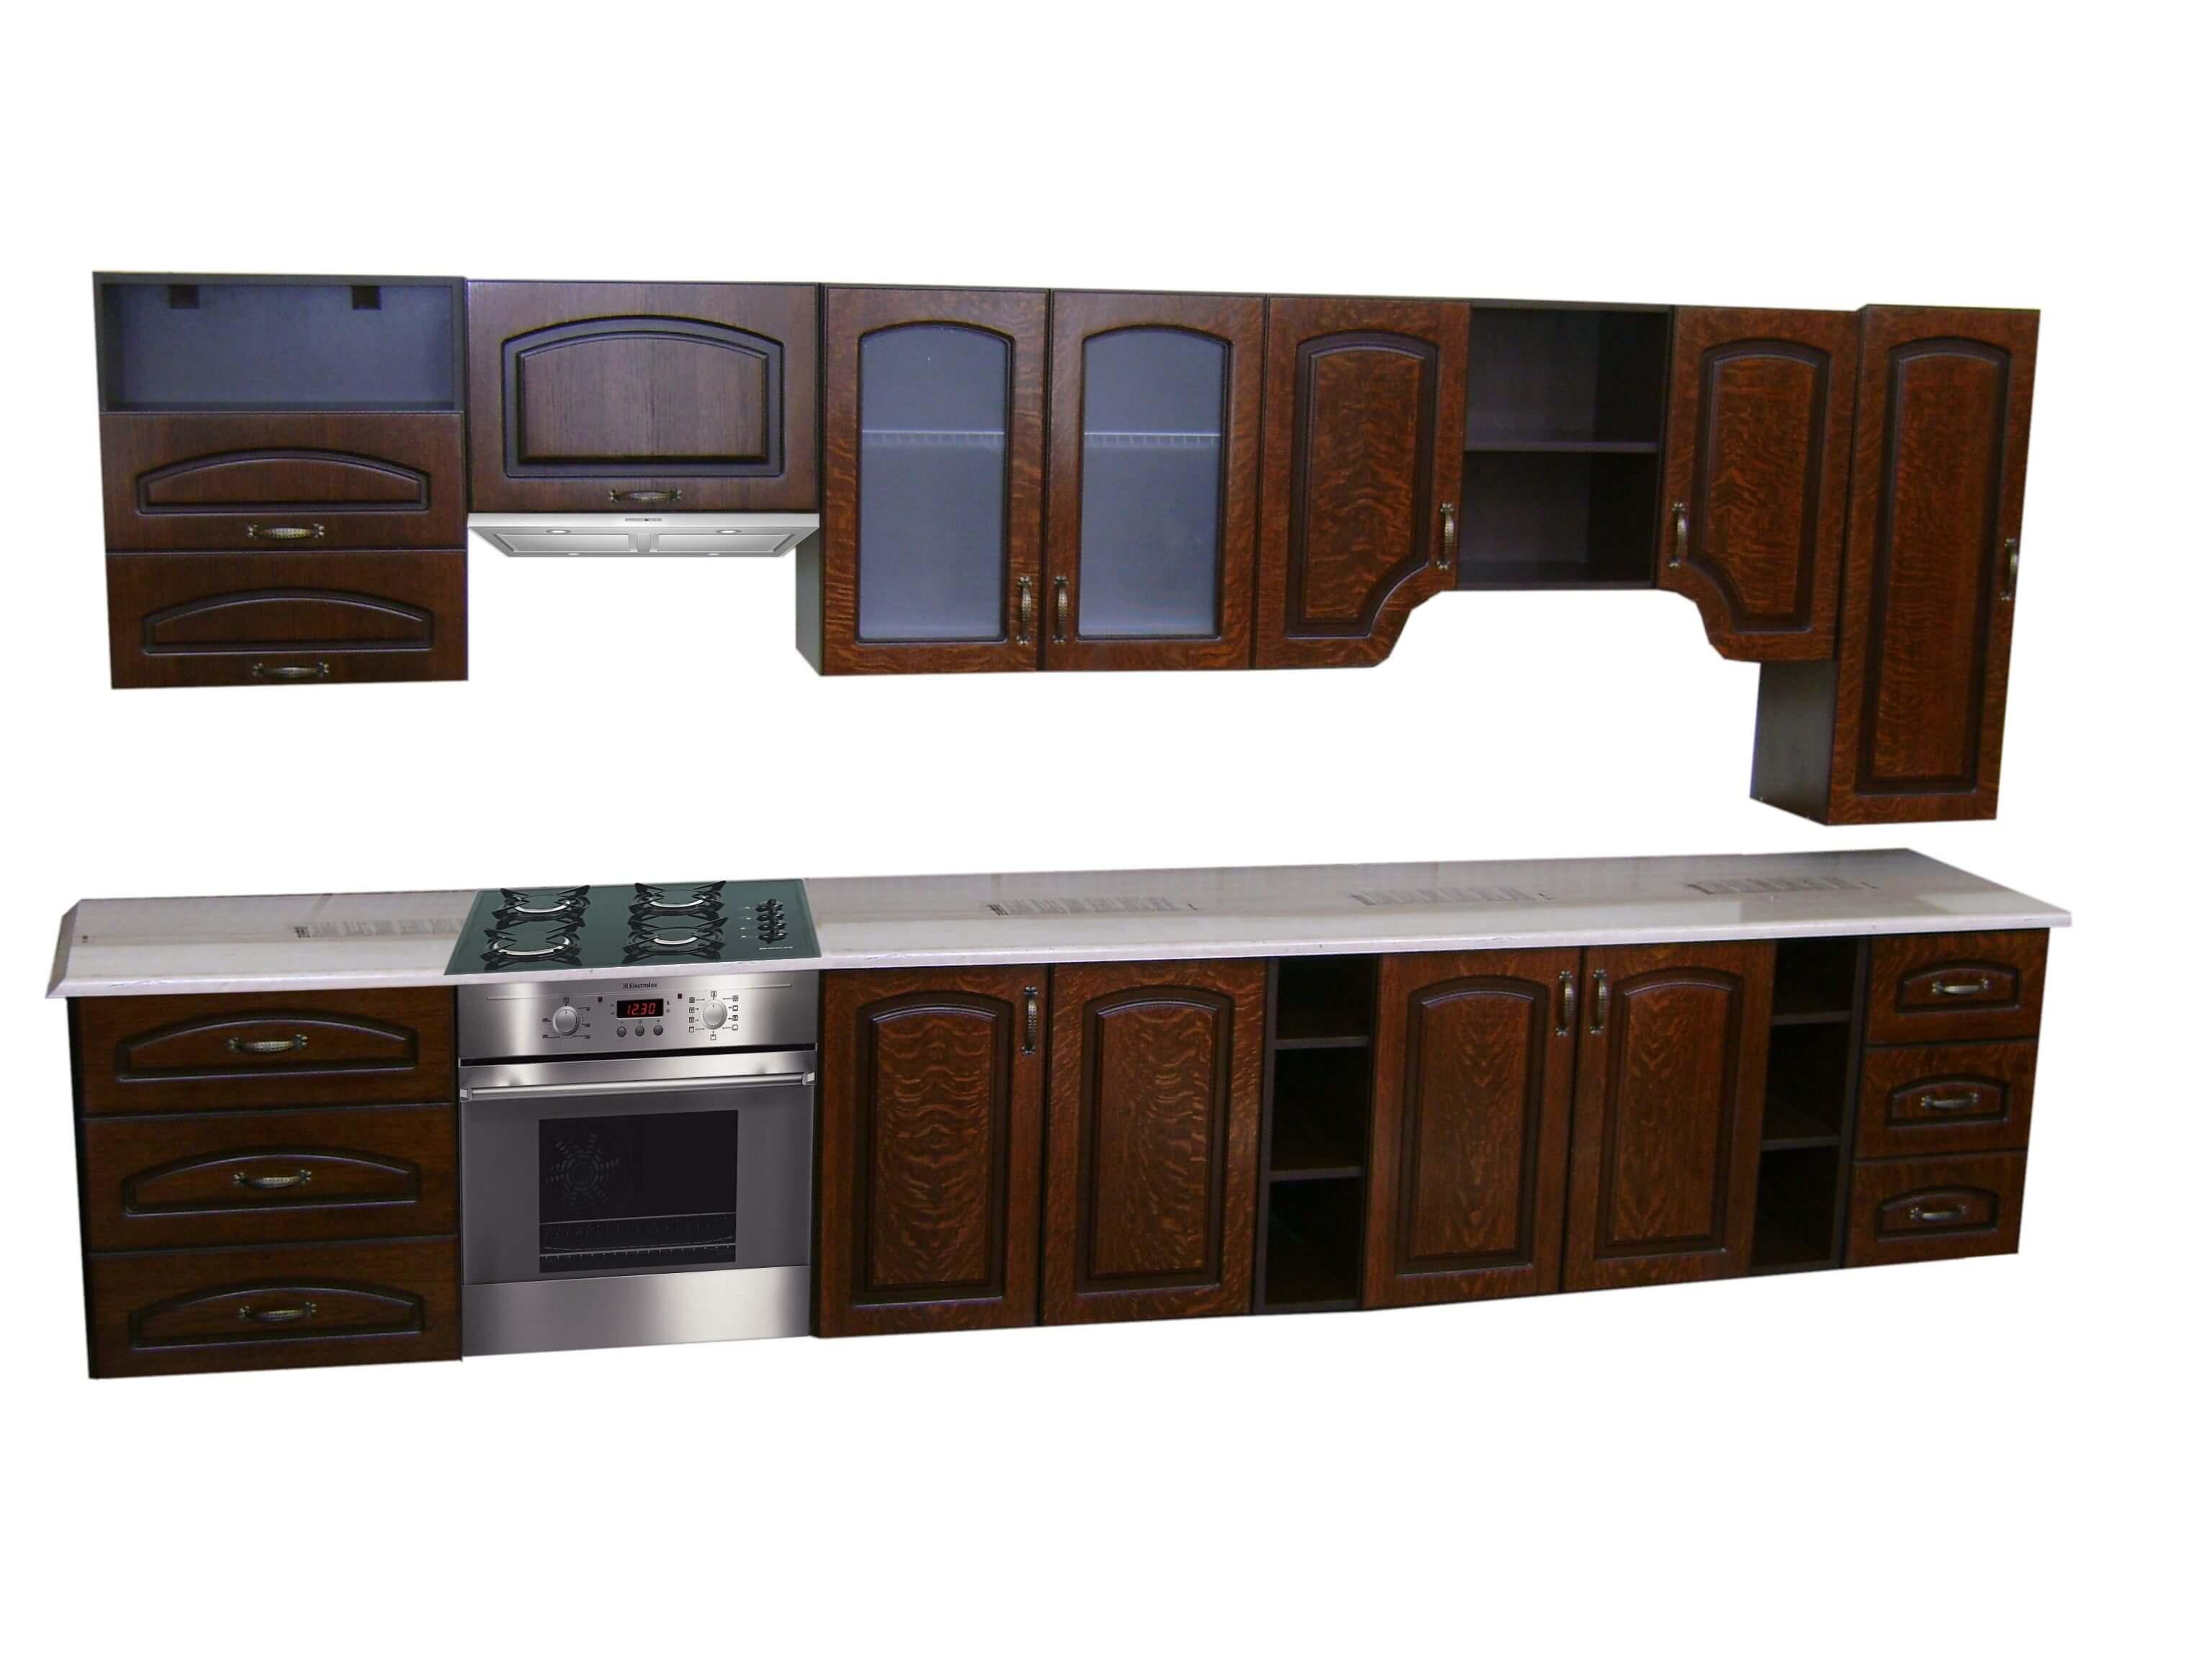 dedeman ghid de cumparare mobilier de bucatarie dedicat planurilor tale. Black Bedroom Furniture Sets. Home Design Ideas